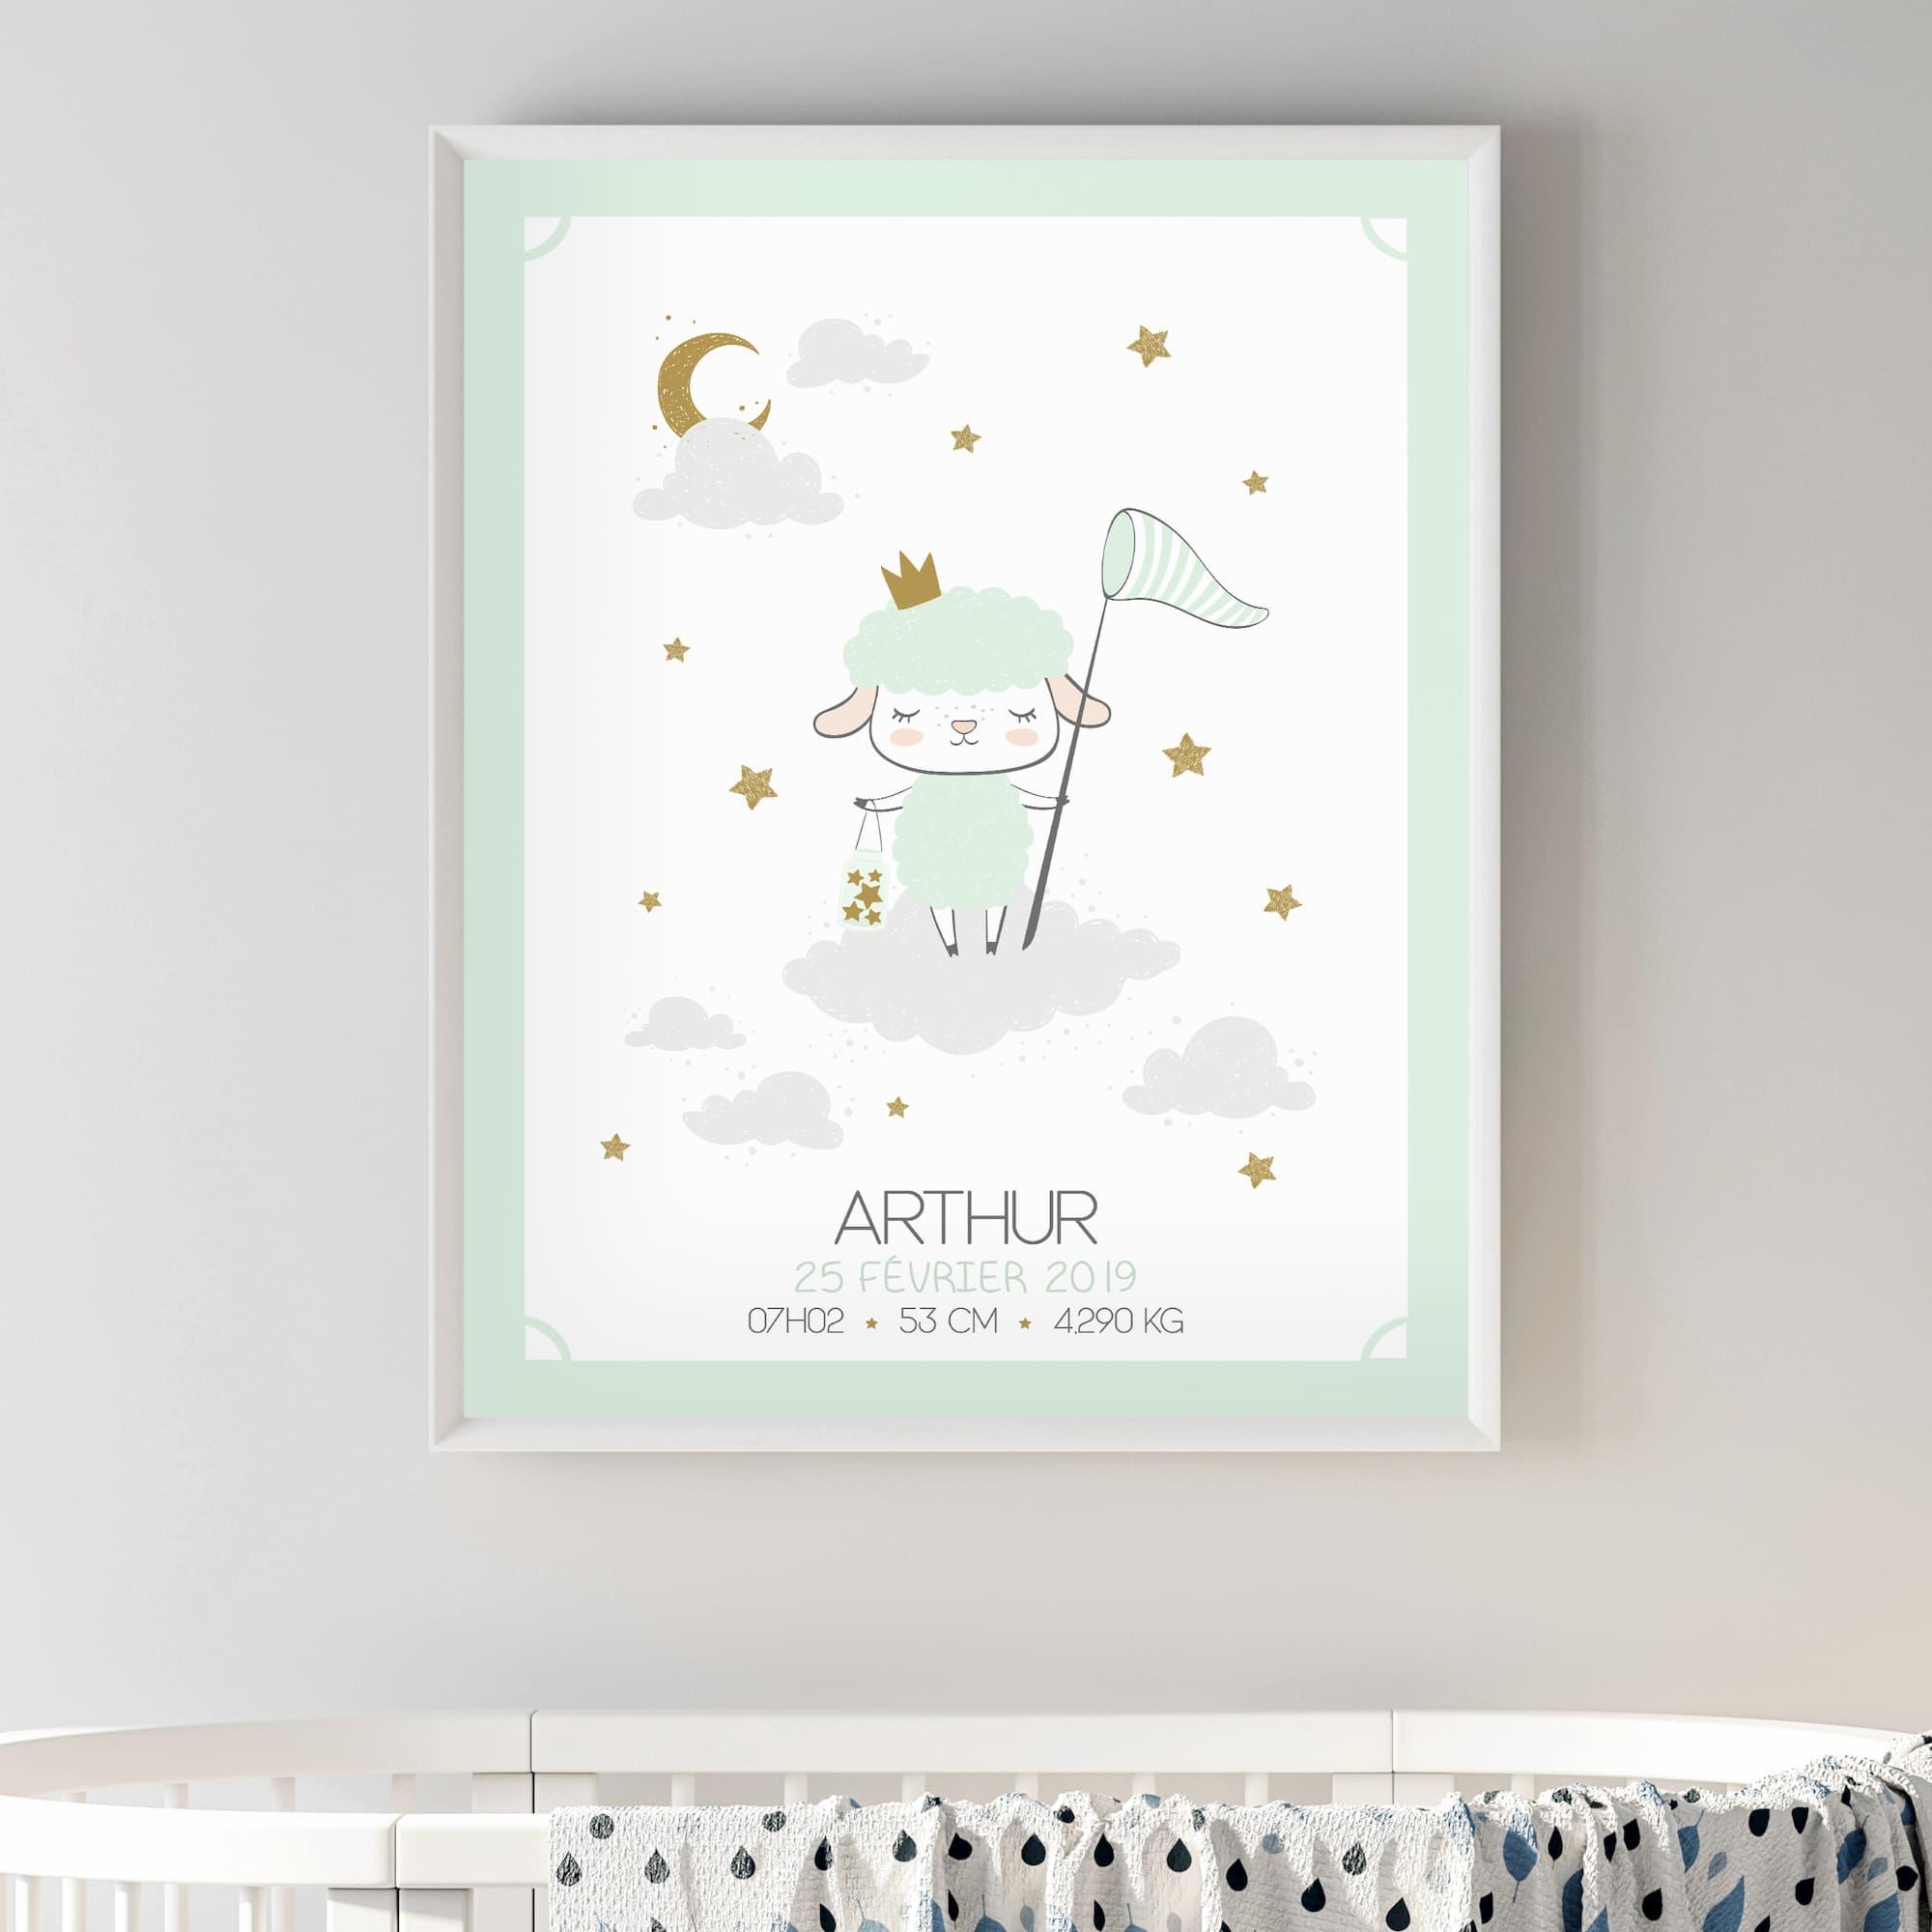 L'affiche de naissance personnalisée Le mouton sur son nuage